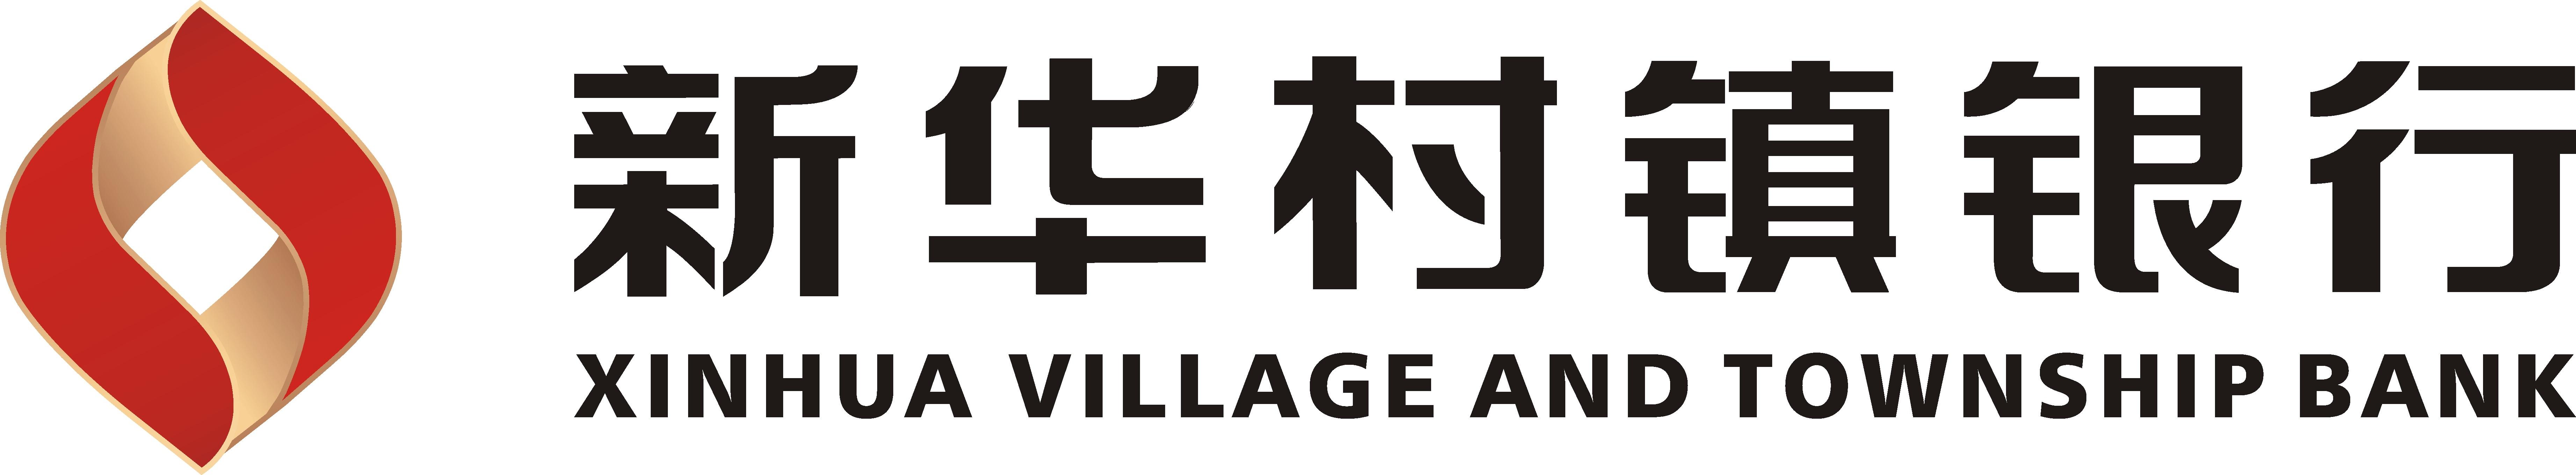 广州番禺新华村镇银行股份有限公司宣讲会